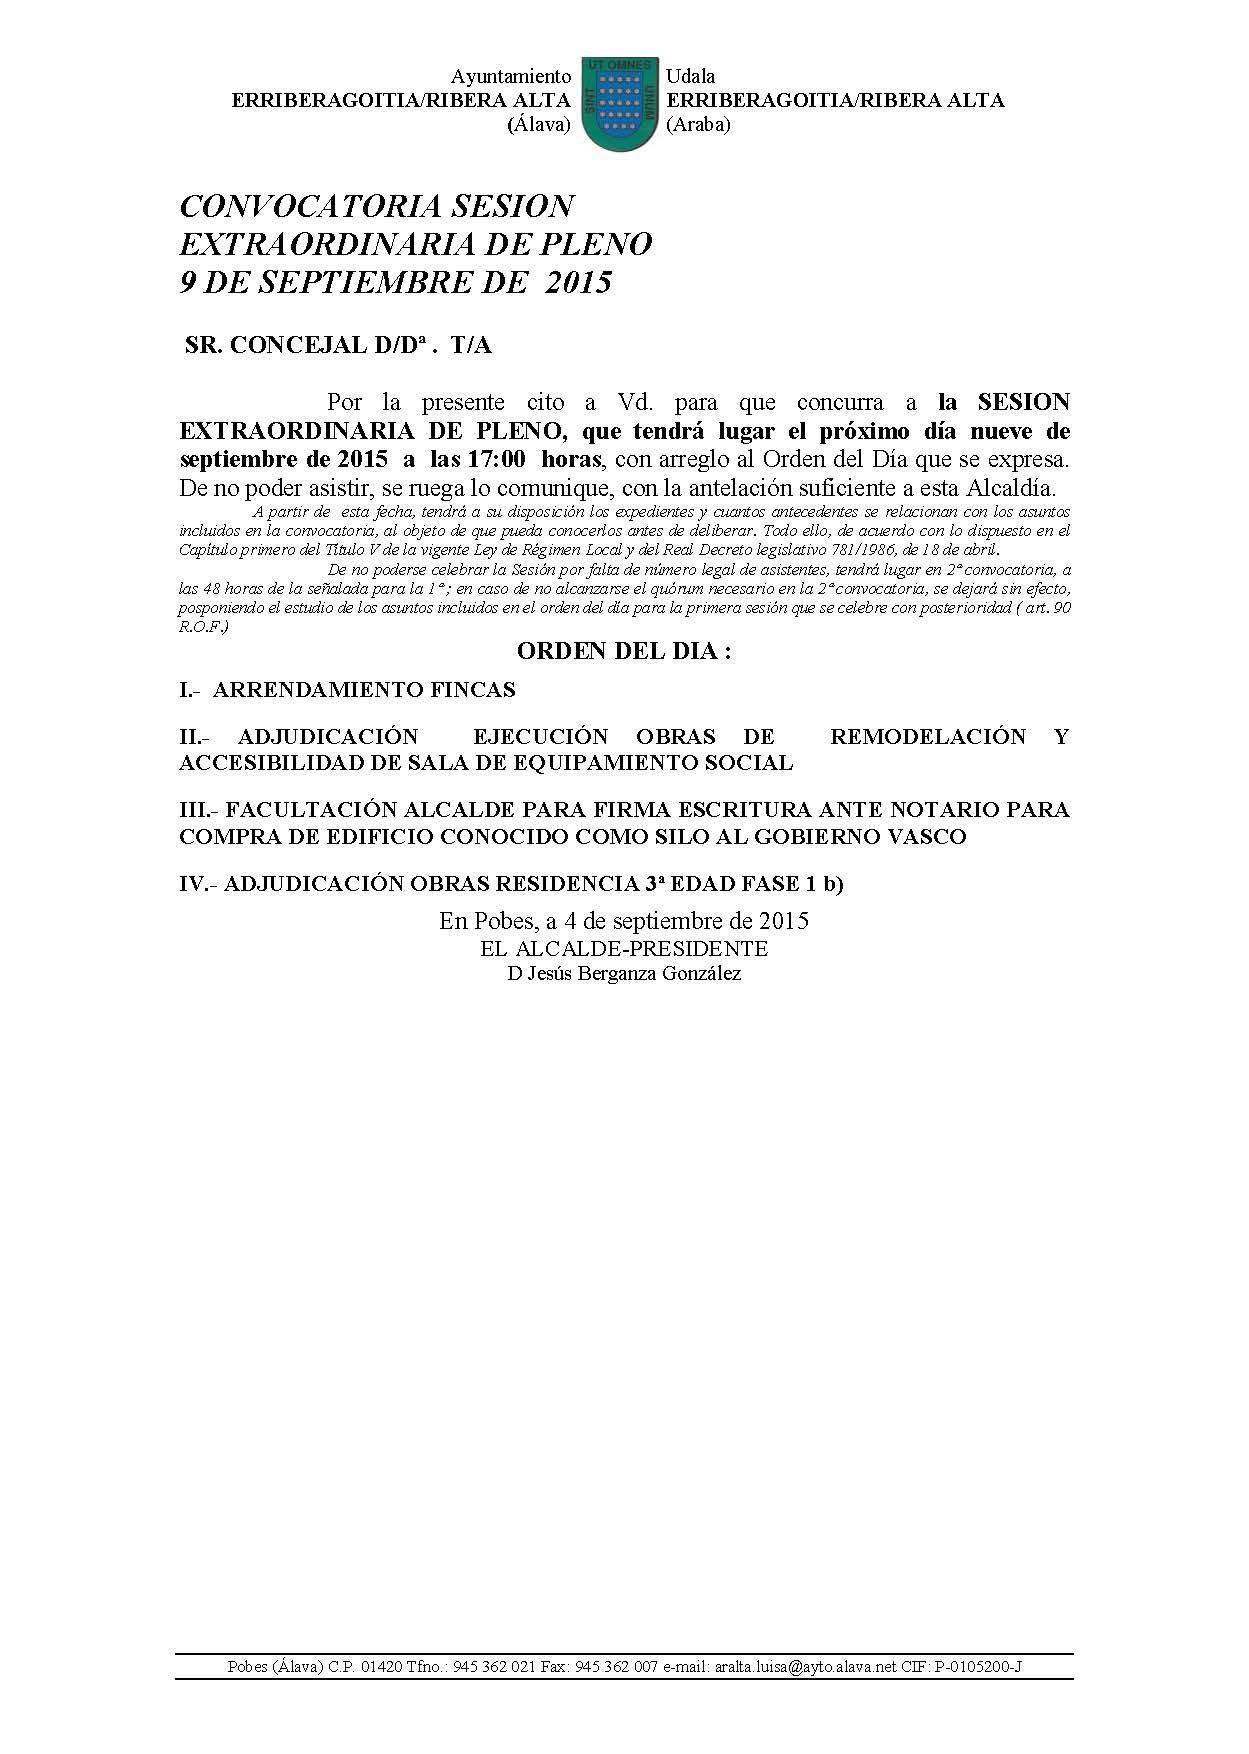 CONVOCATORIA SESIÓN EXTRAORDINARIA DE PLENO 9 DE SEPTIEMBRE DE 2015